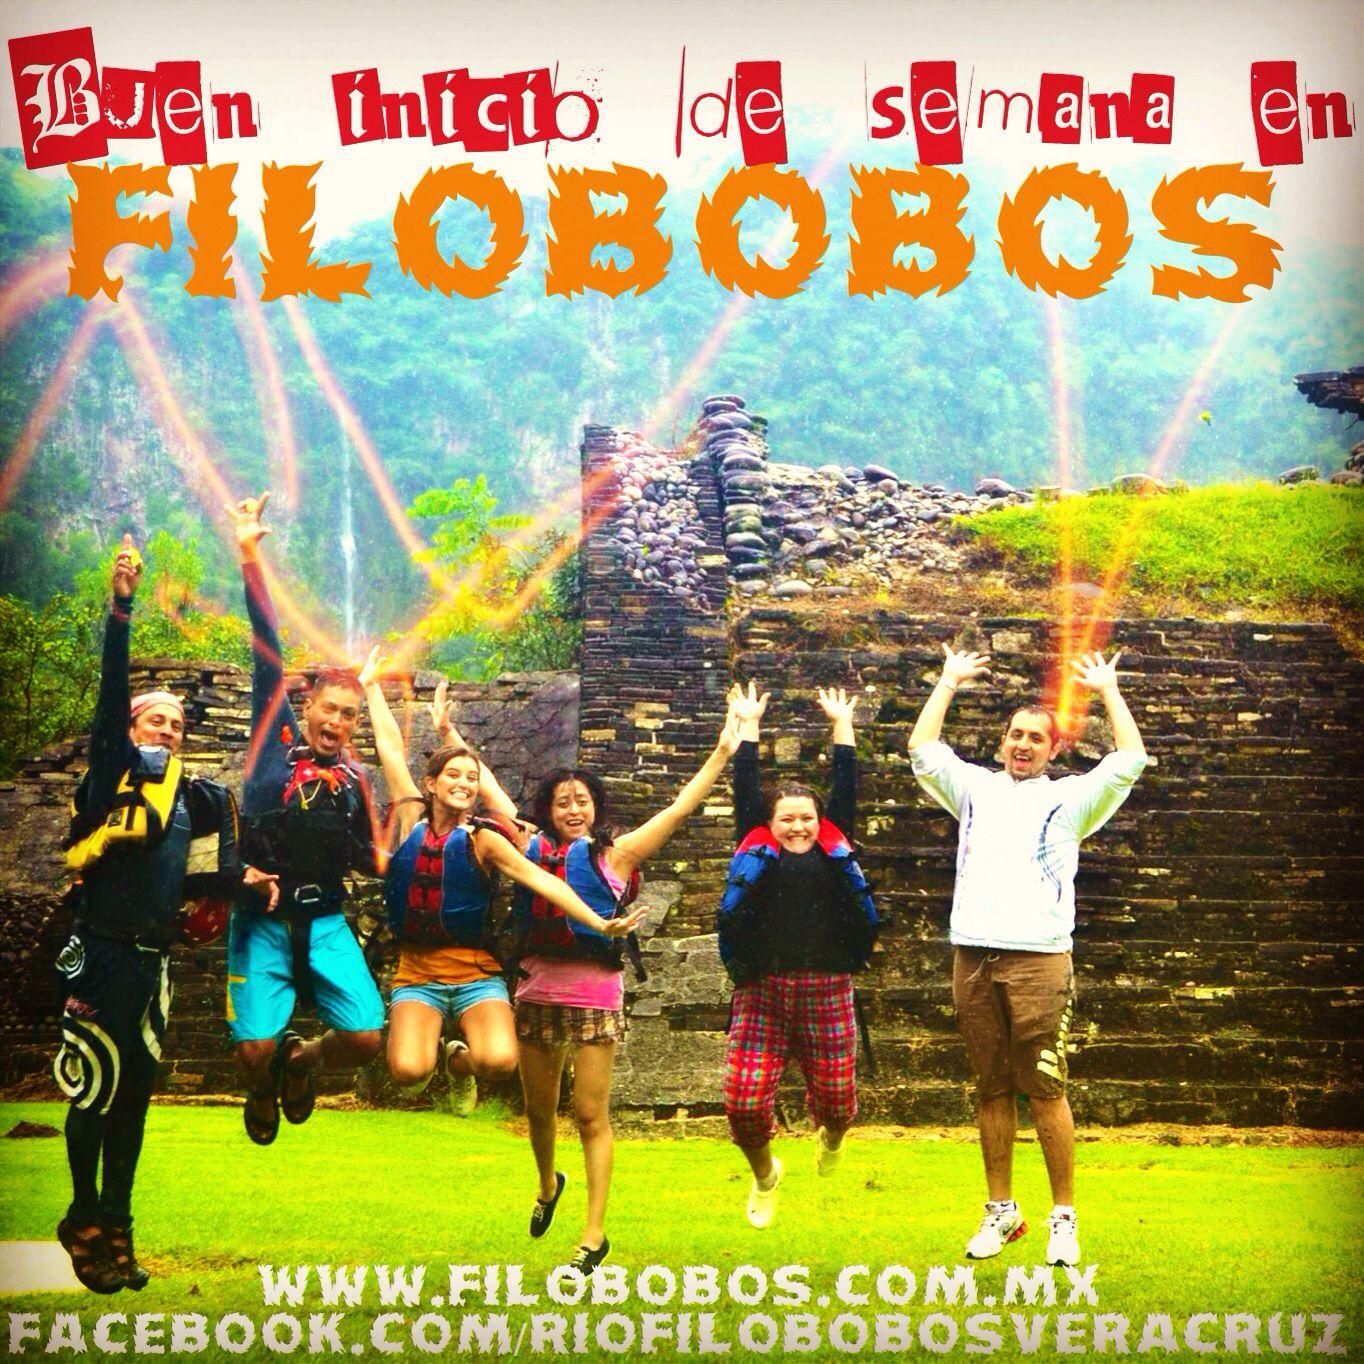 Buen inicio de #semana desde #filobobos les saludamos http://www.facebook.com/RioFilobobosVeracruz #megusta #tlapacoyan #Veracruz #Mexico